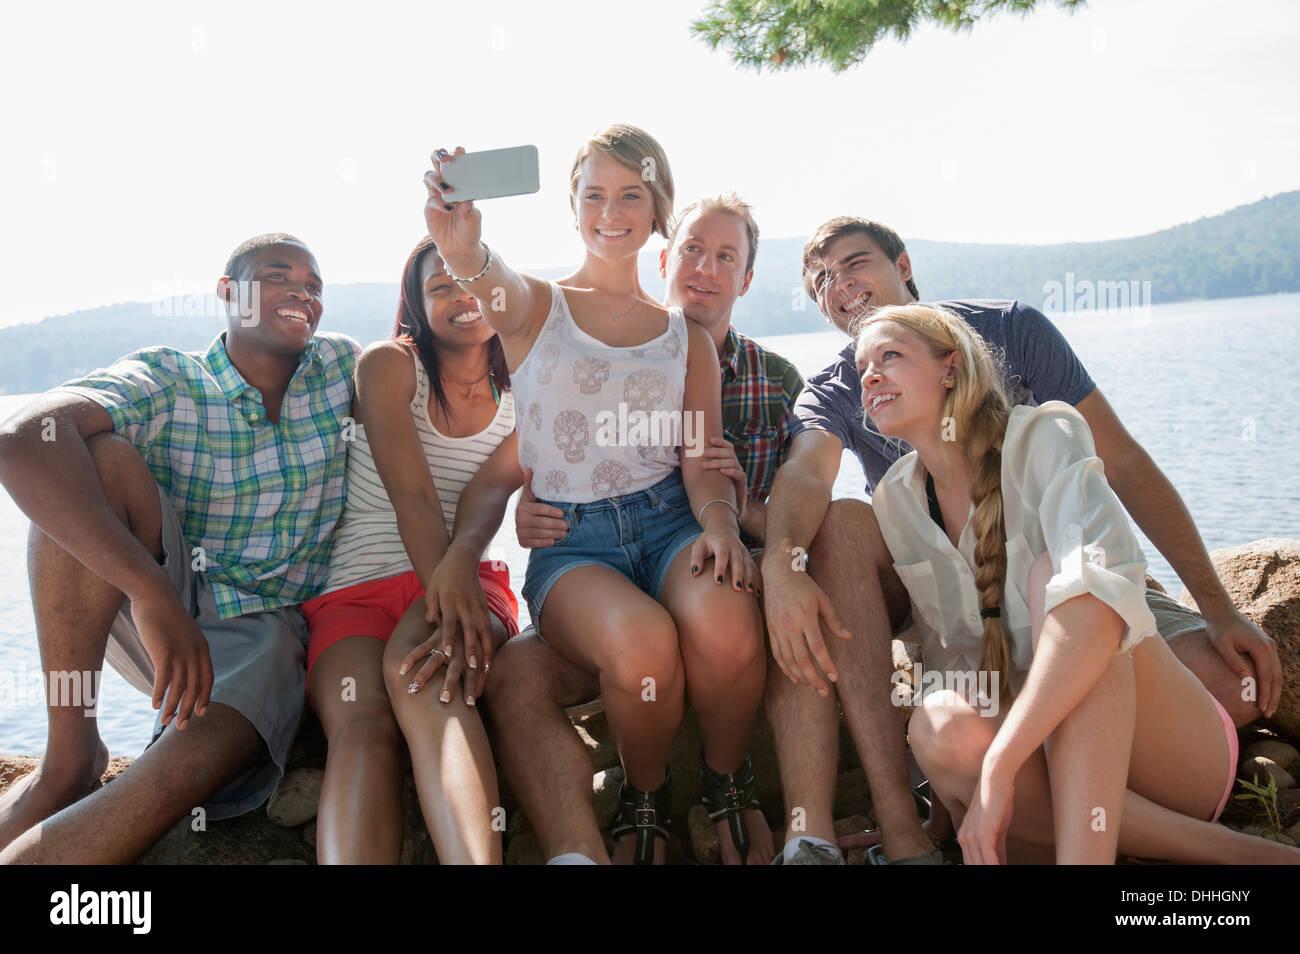 Gruppo di amici di fotografare sé stessi Immagini Stock